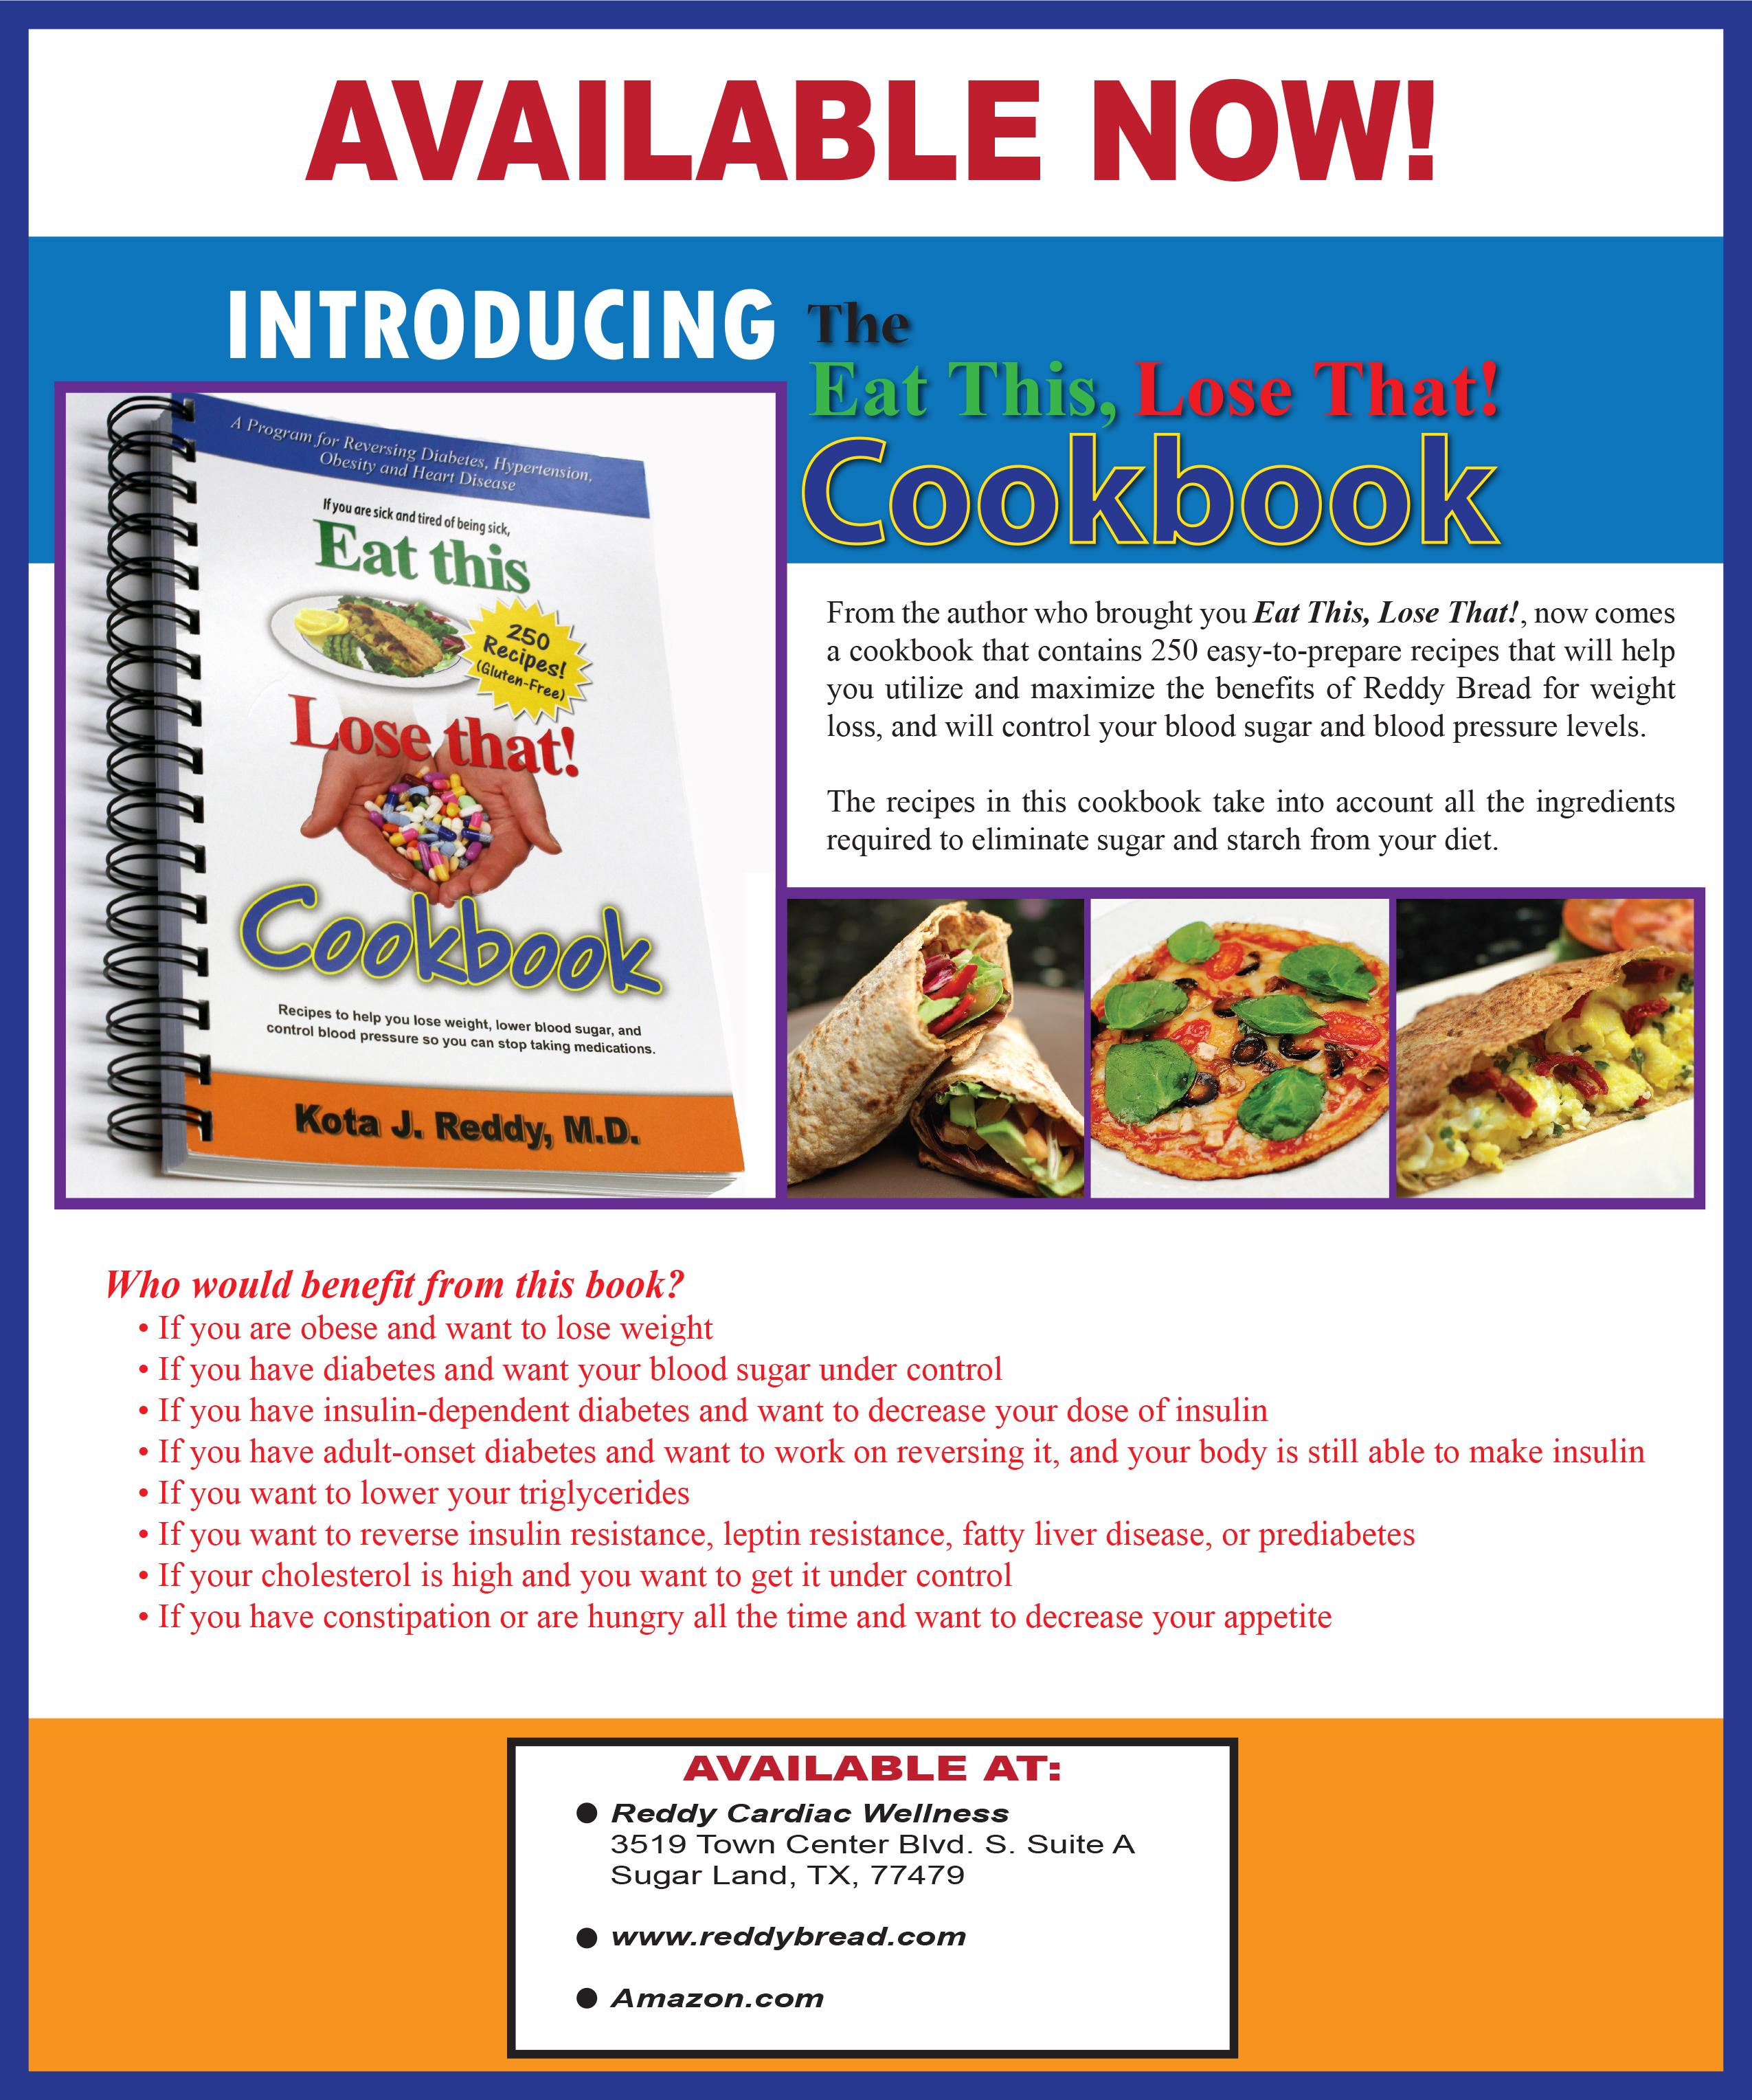 etlt-cookbook-poster-2.jpg